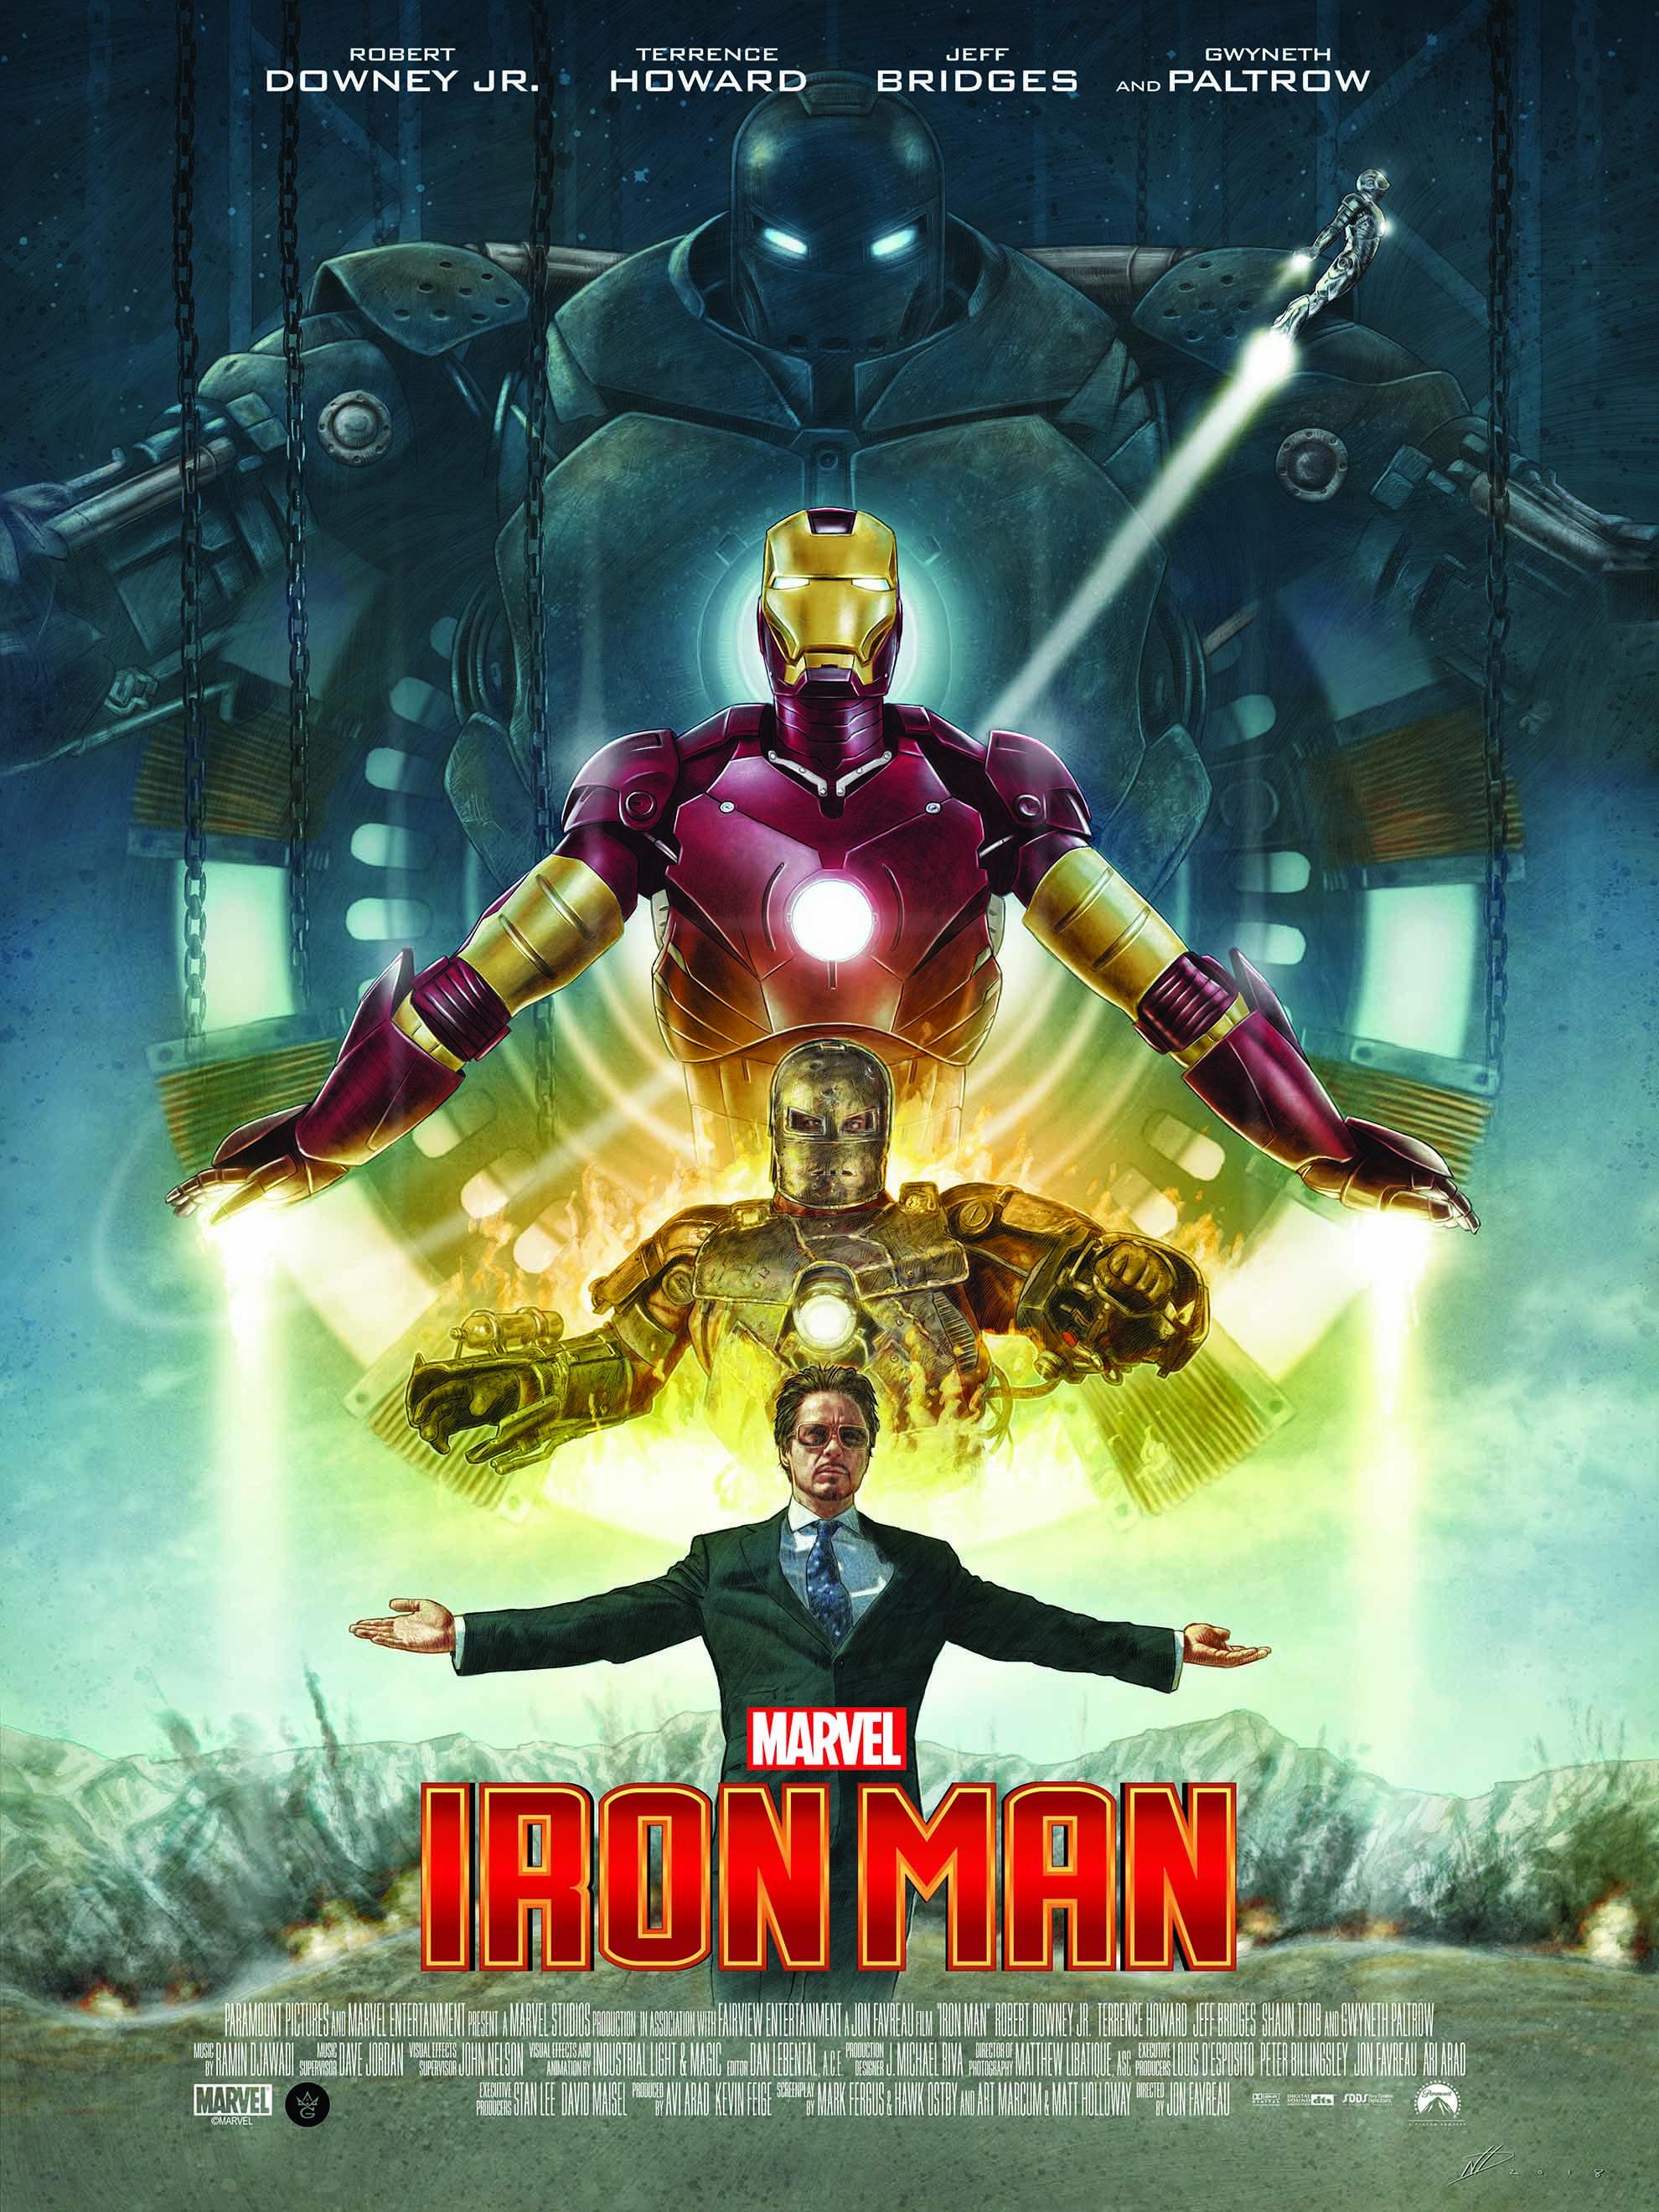 iron man movie poster marvel movie